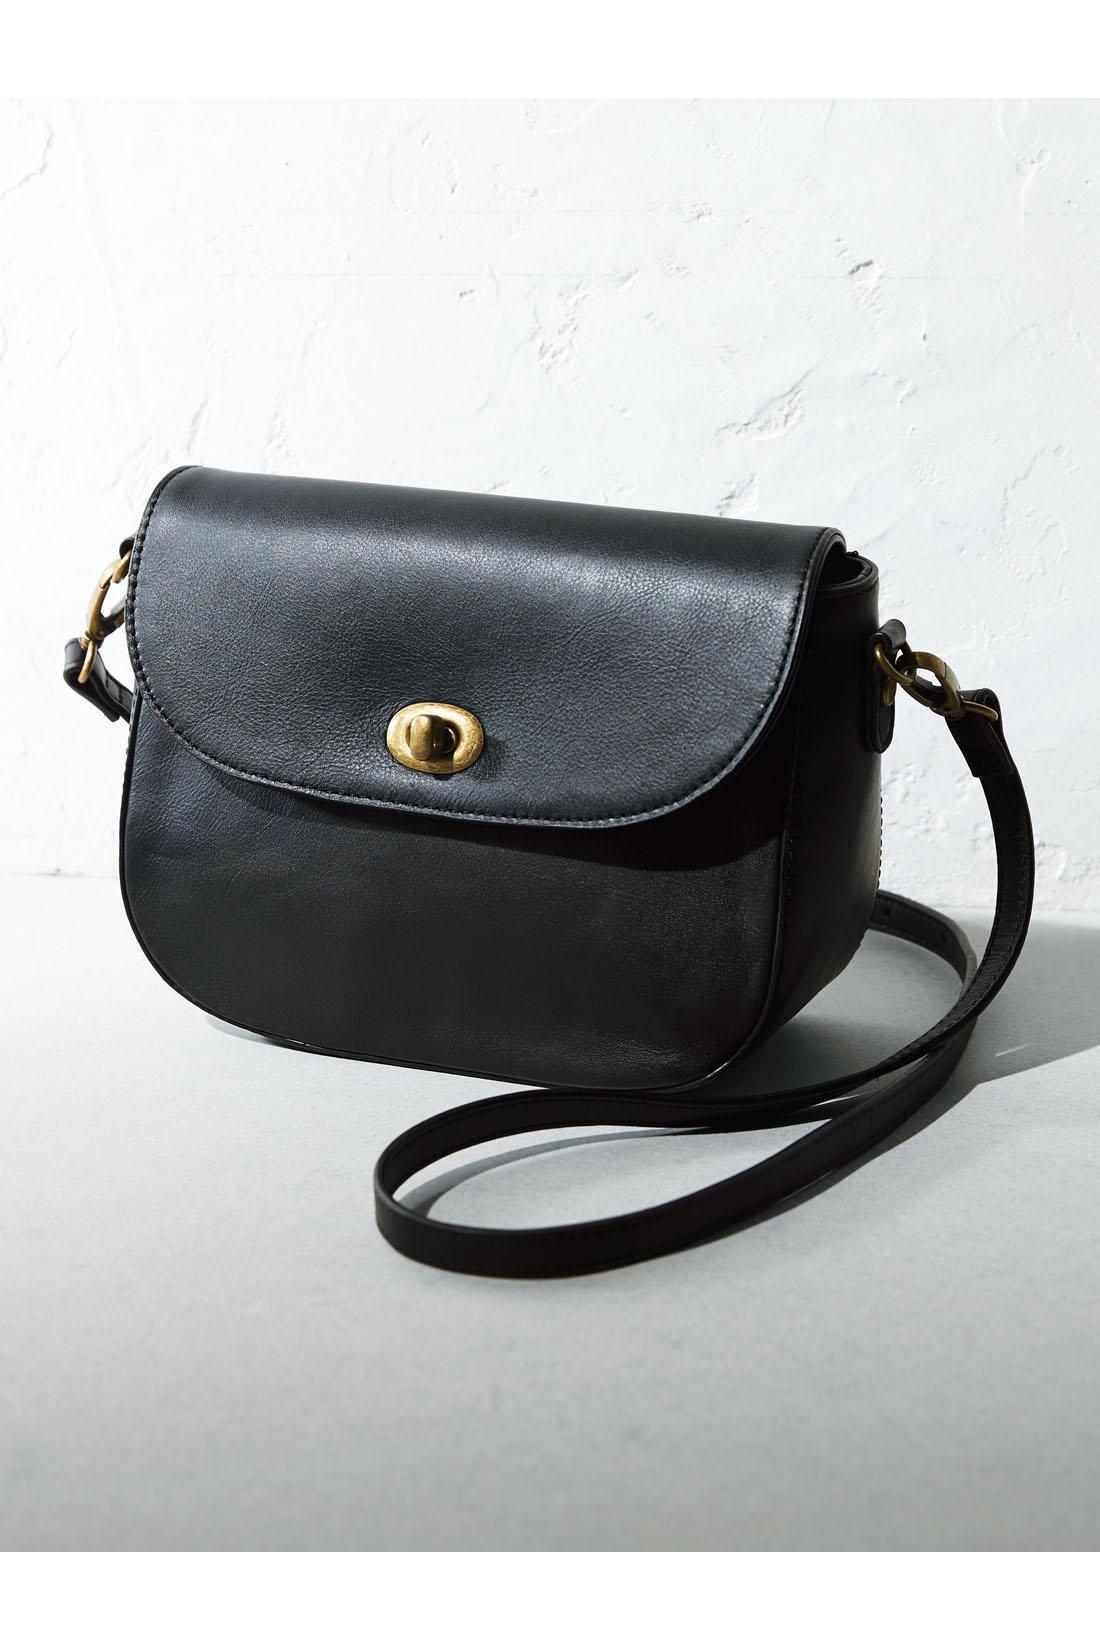 使うほどなじんでいく、しっとりした風合いの本革 長財布がすっぽり入る、大きすぎず小さすぎない絶妙なサイズ感 ショルダー部分は長さ調節可能